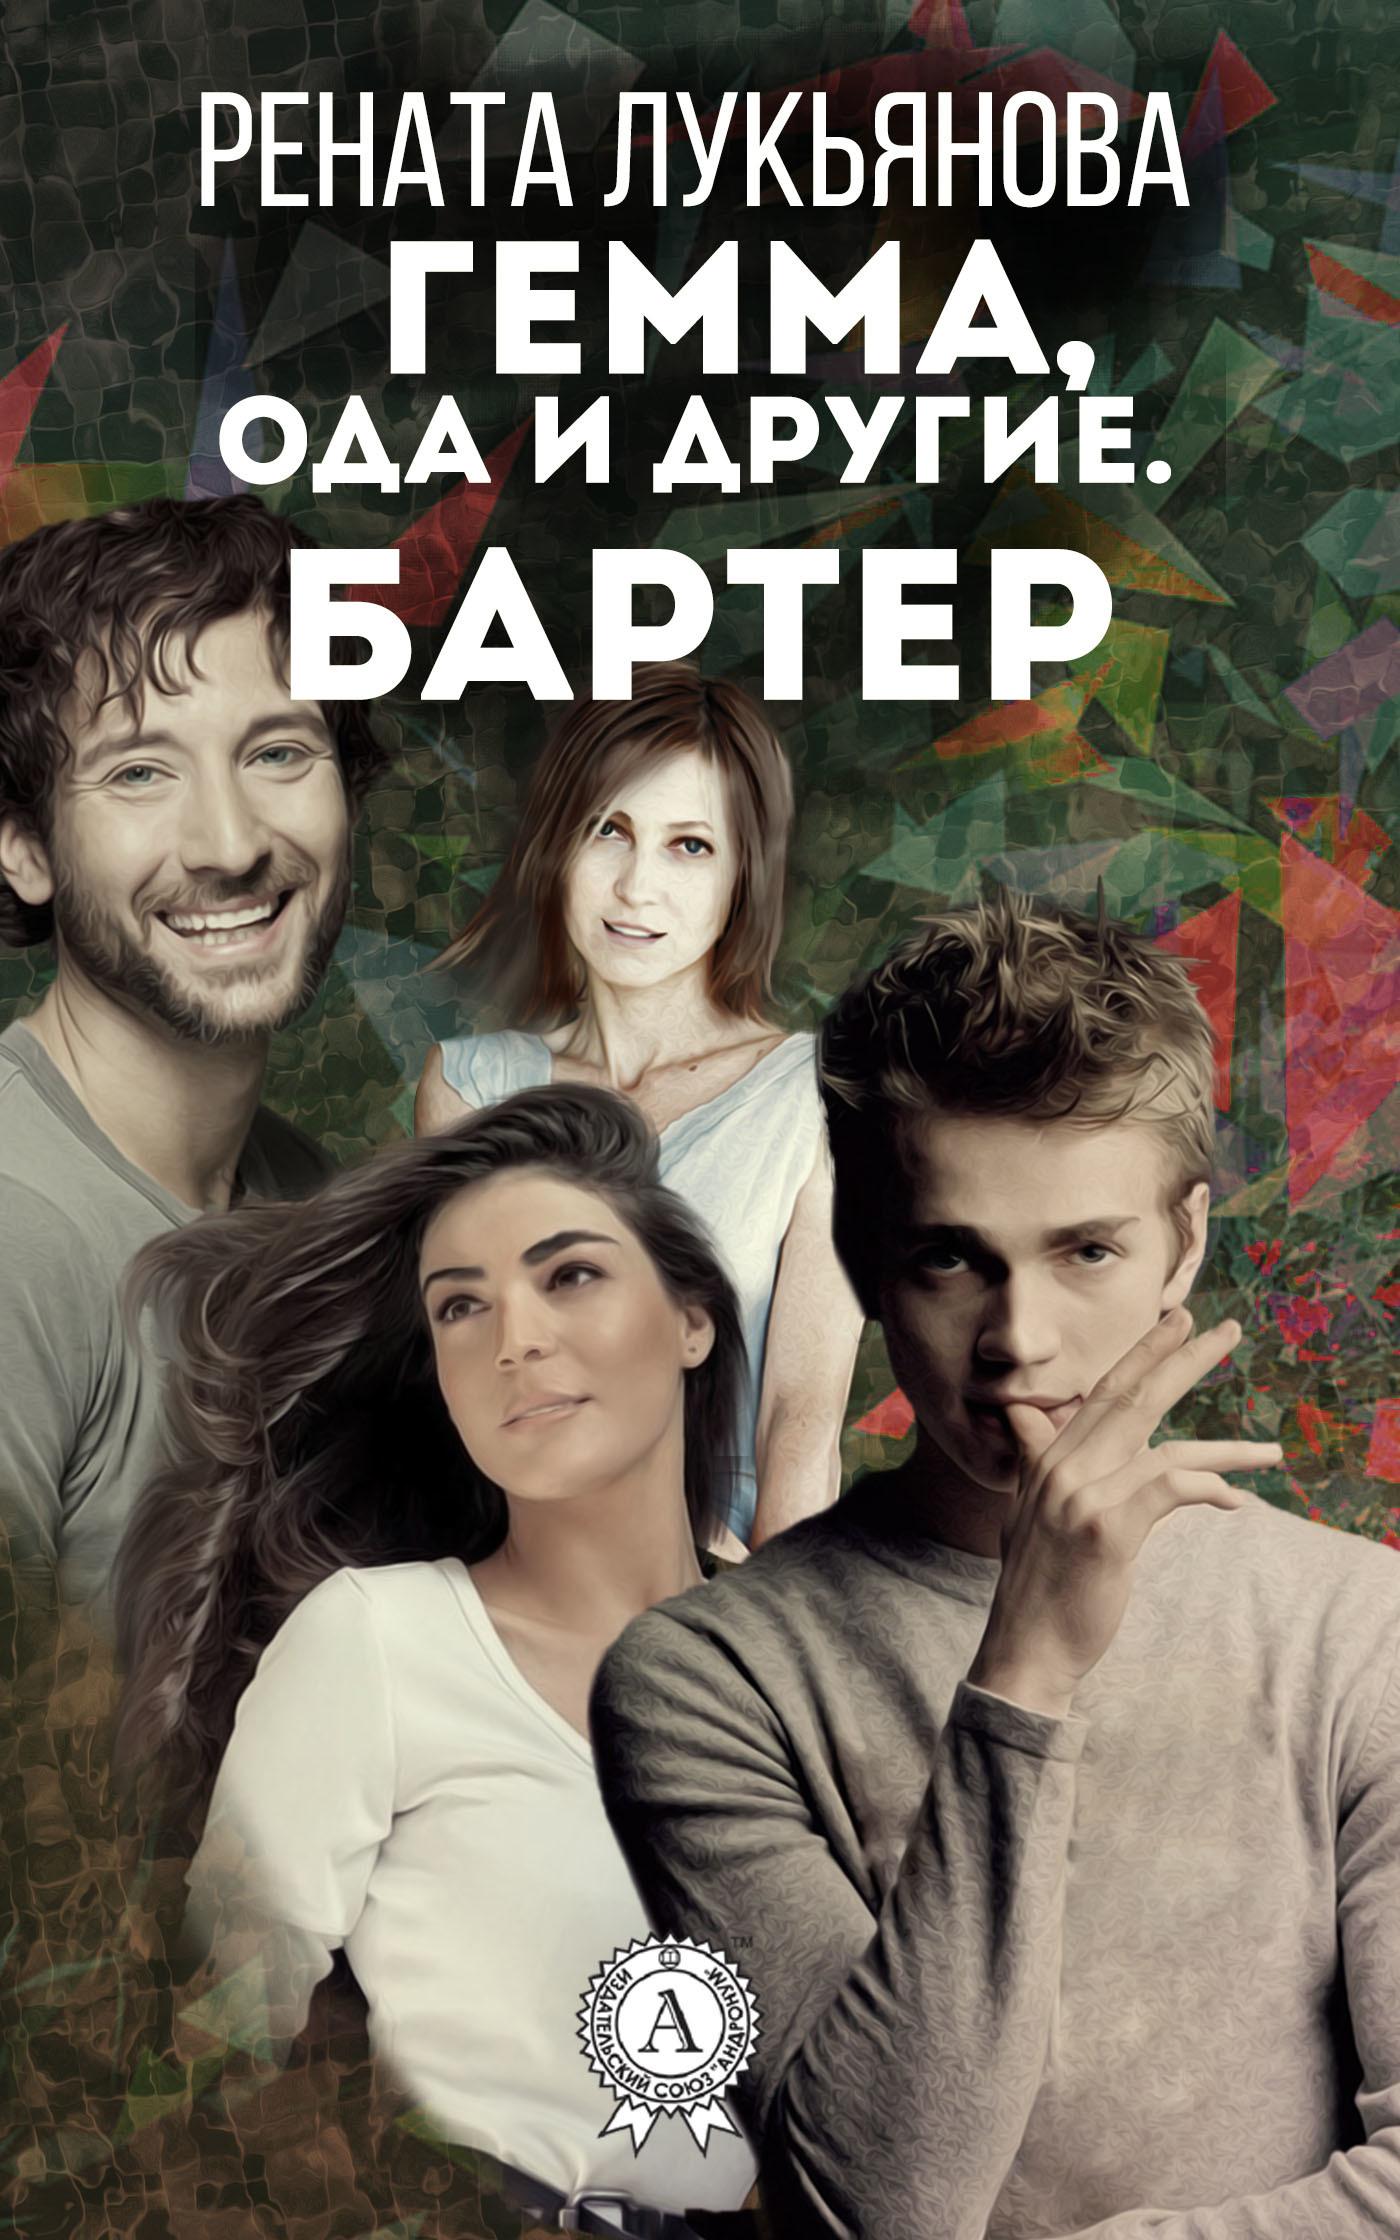 Рената Лукьянова бесплатно